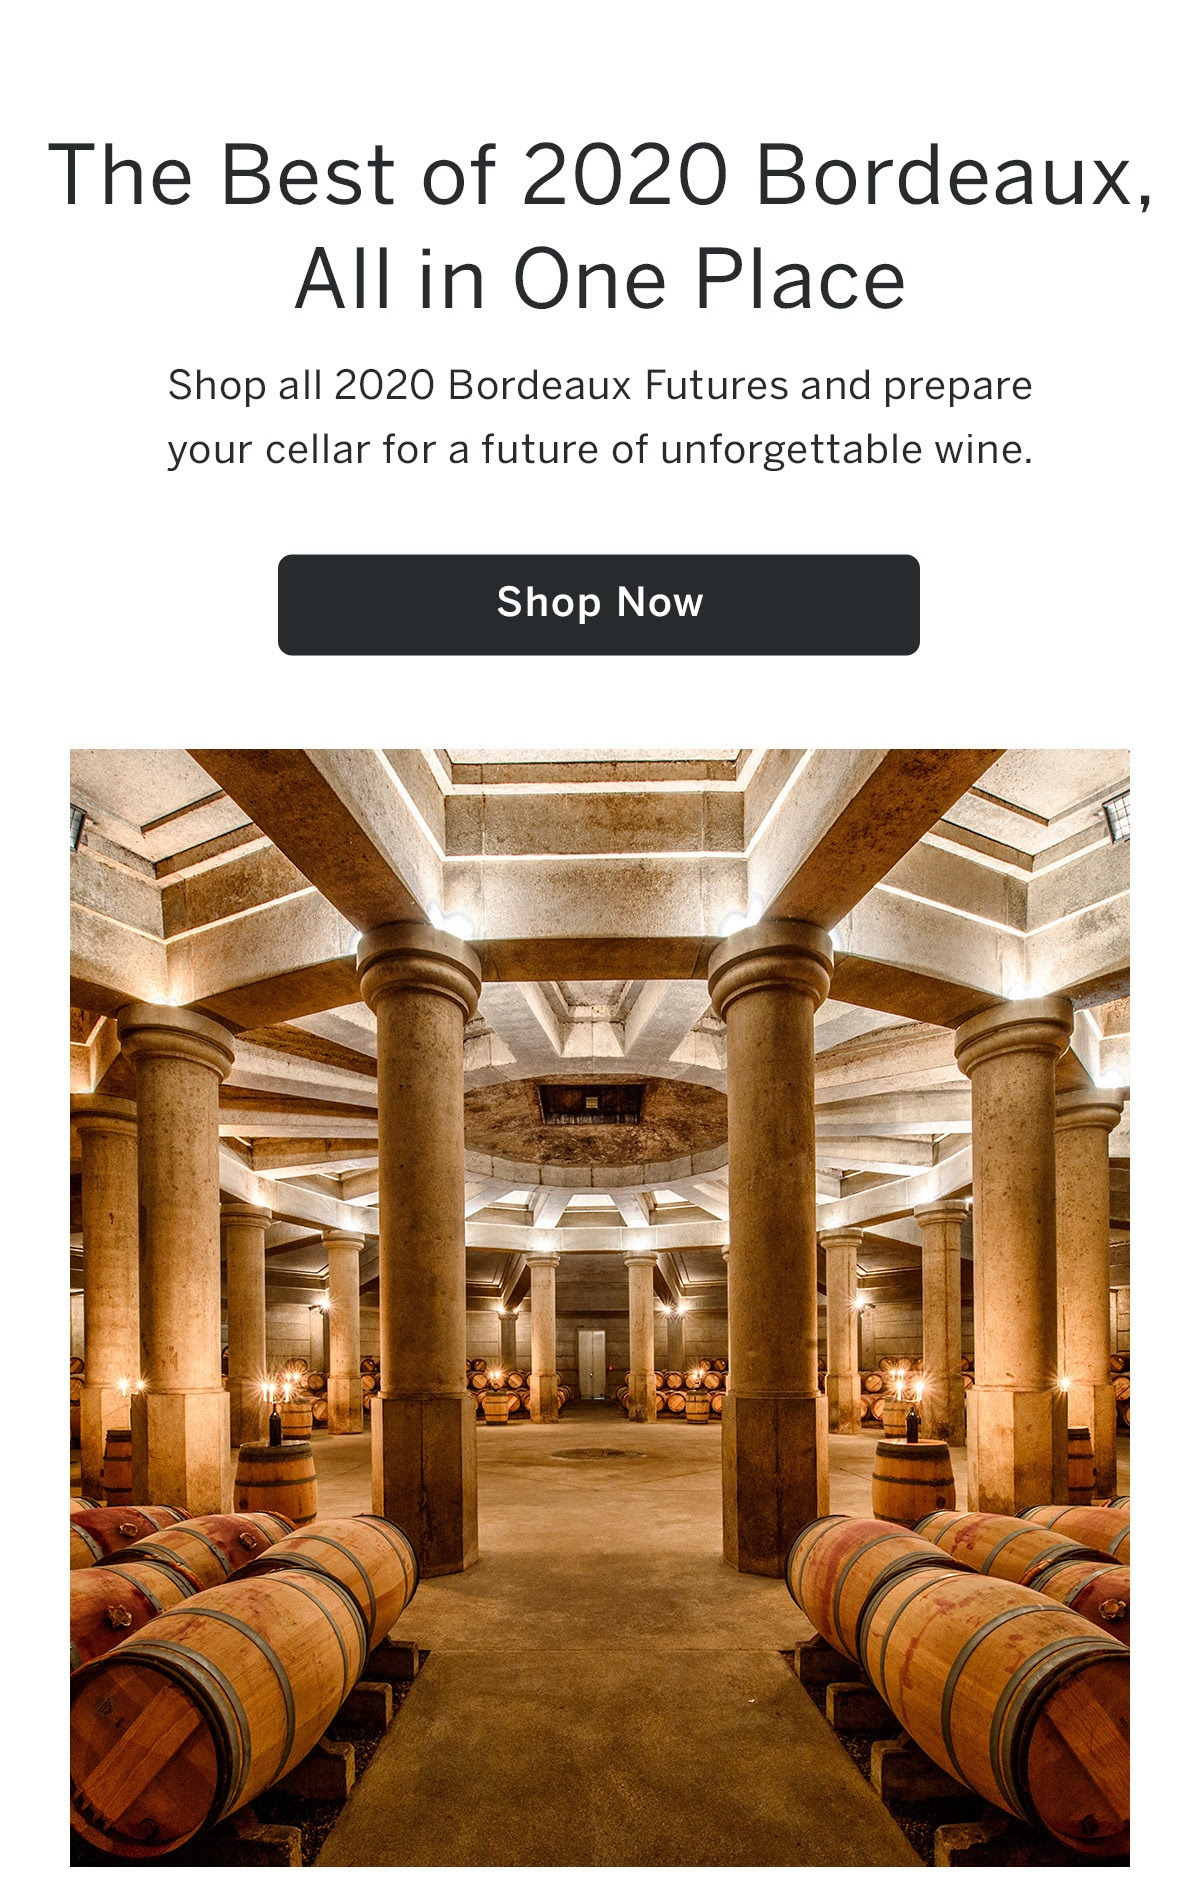 2020 Bordeaux Futures